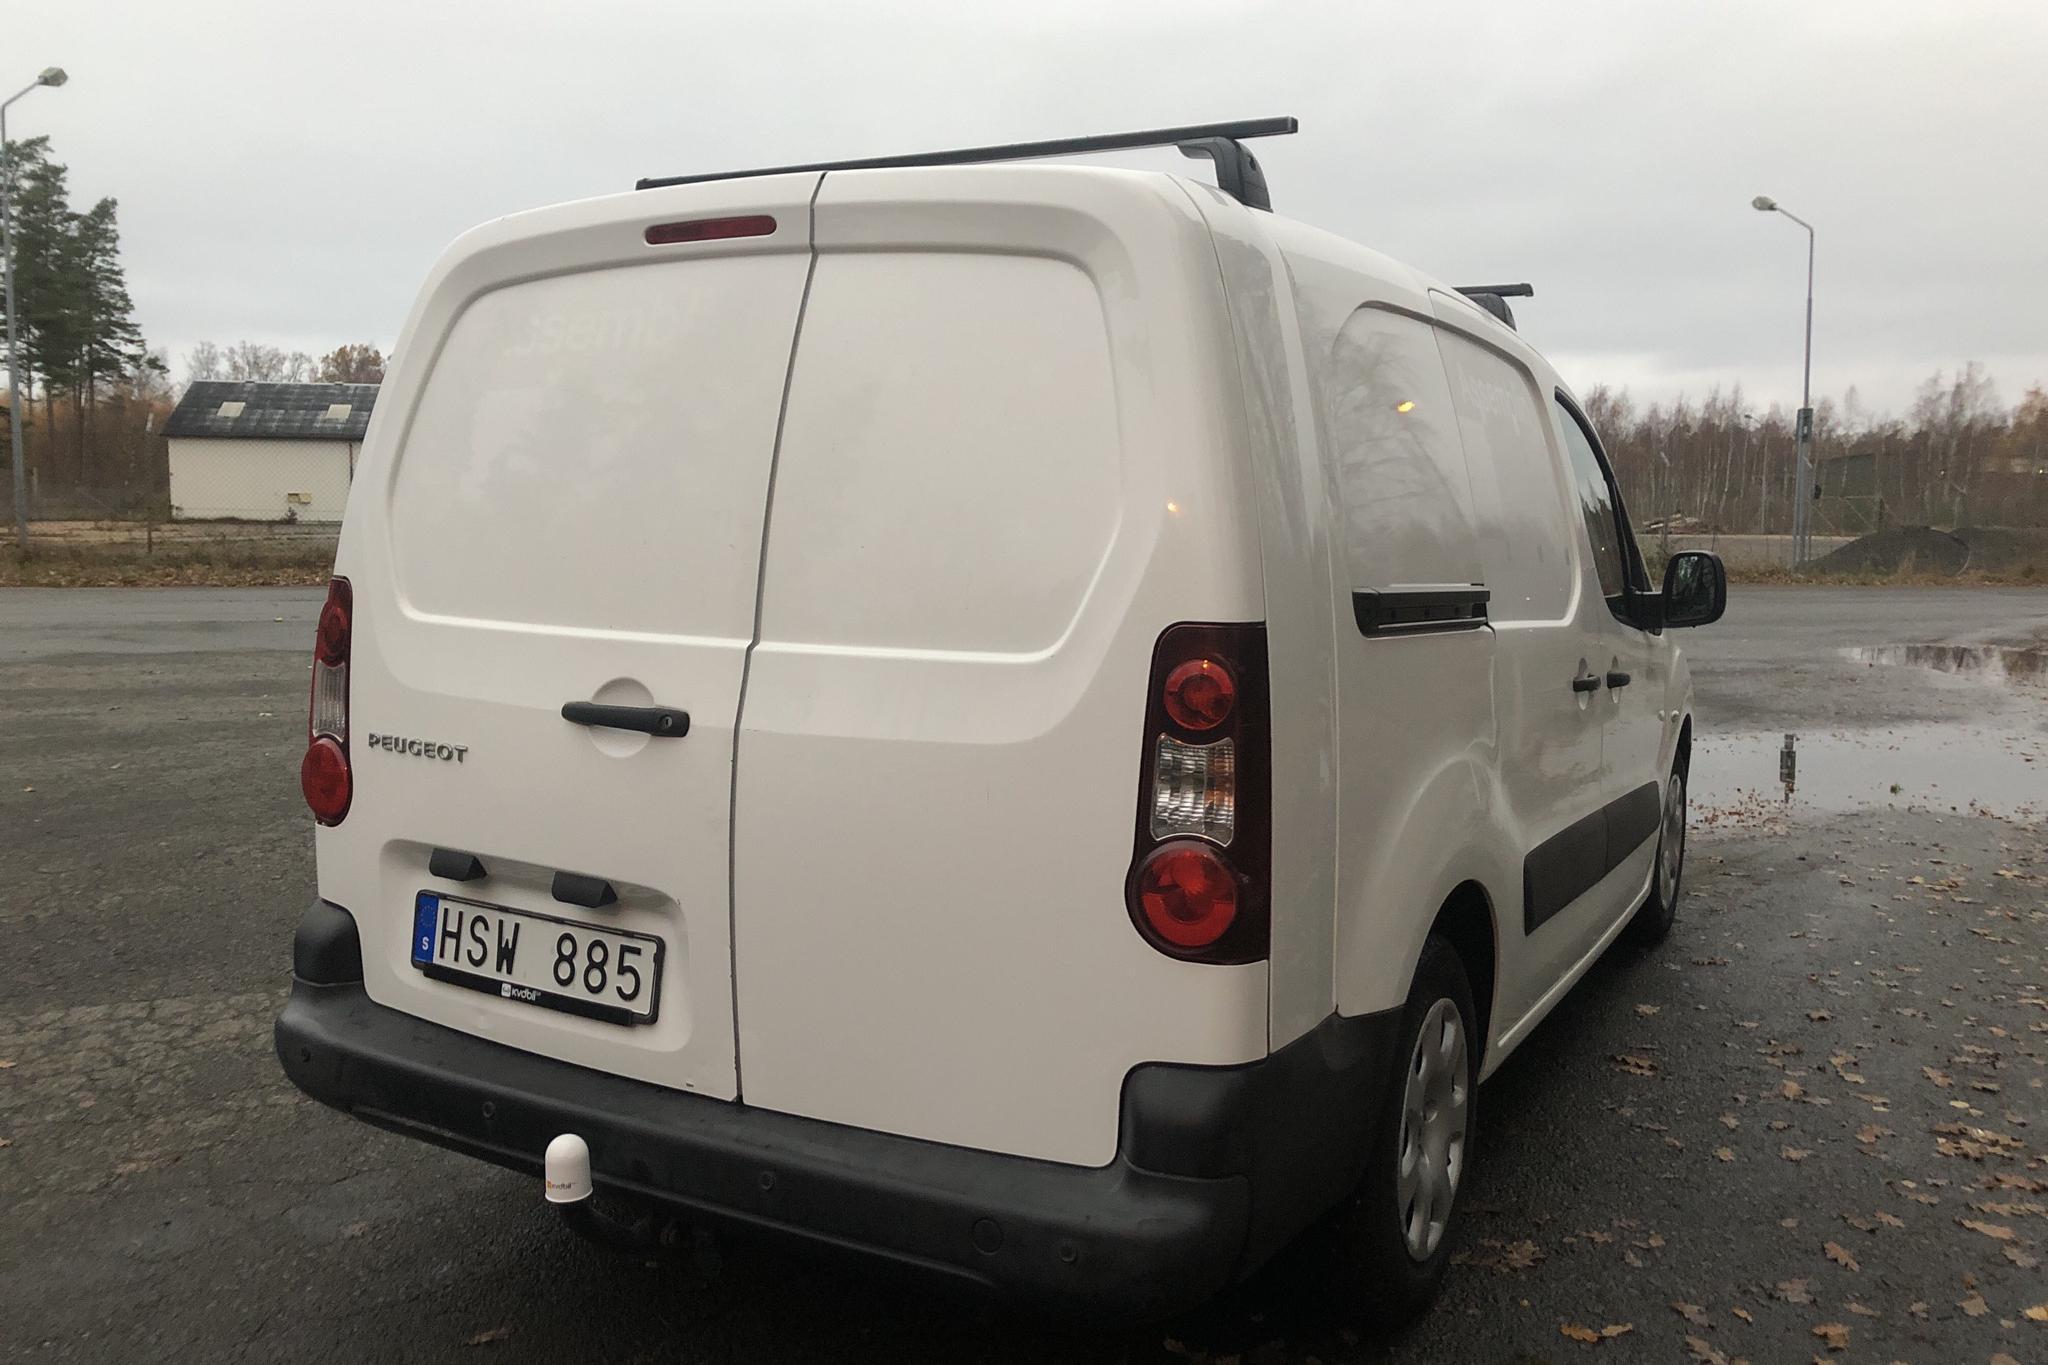 Peugeot Partner 1.6 e-HDI Skåp (90hk) - 11 476 mil - Manuell - vit - 2012